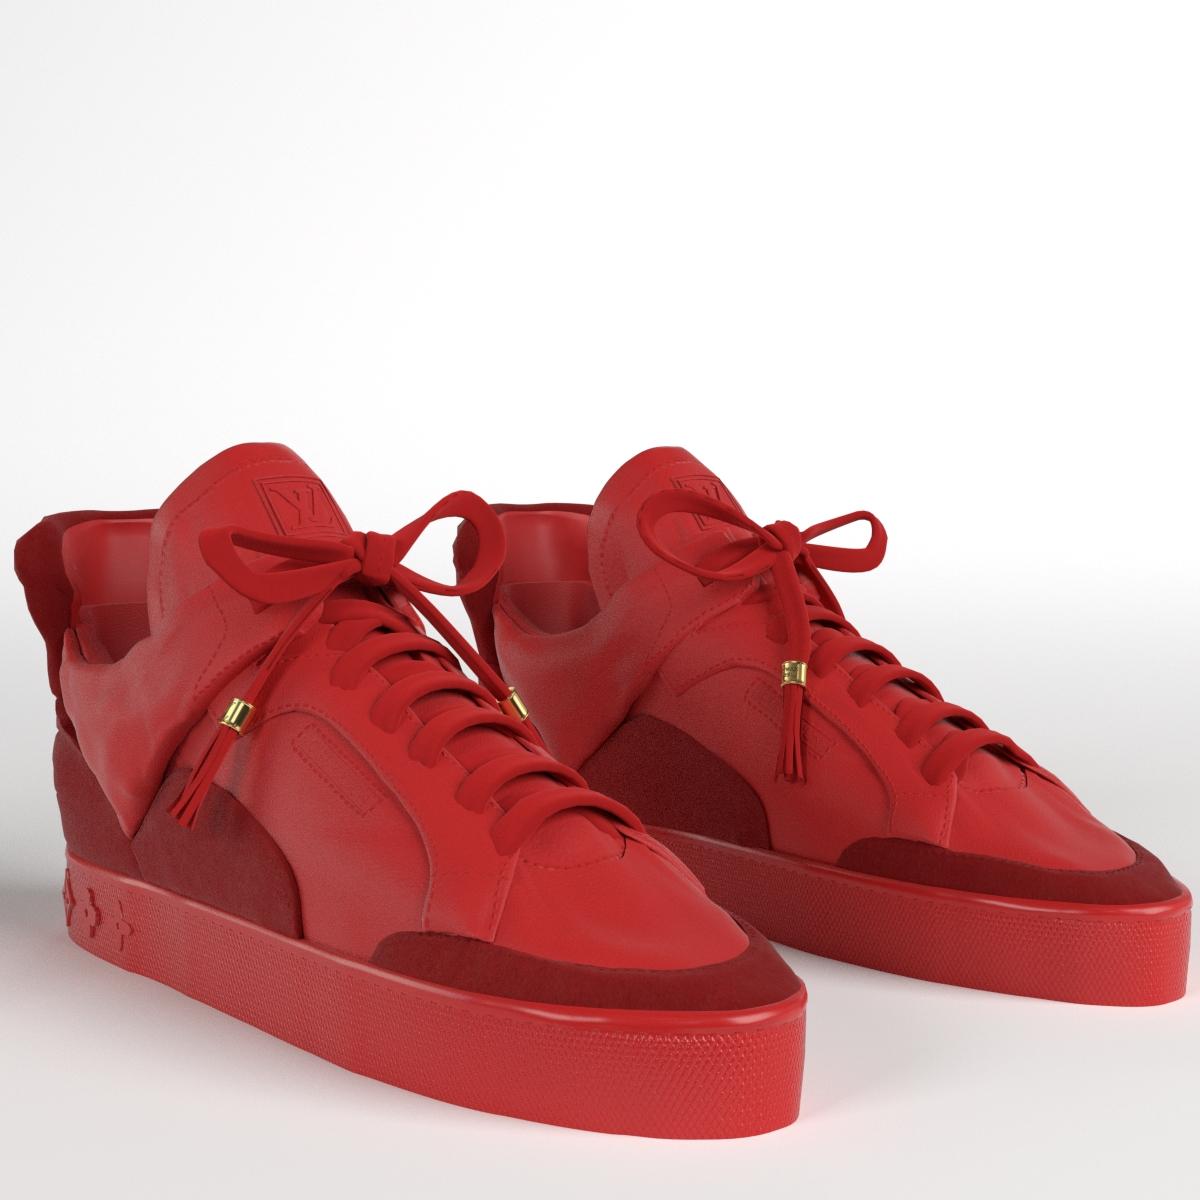 0_1507789512237_dons-4-pairs---0001.jpg